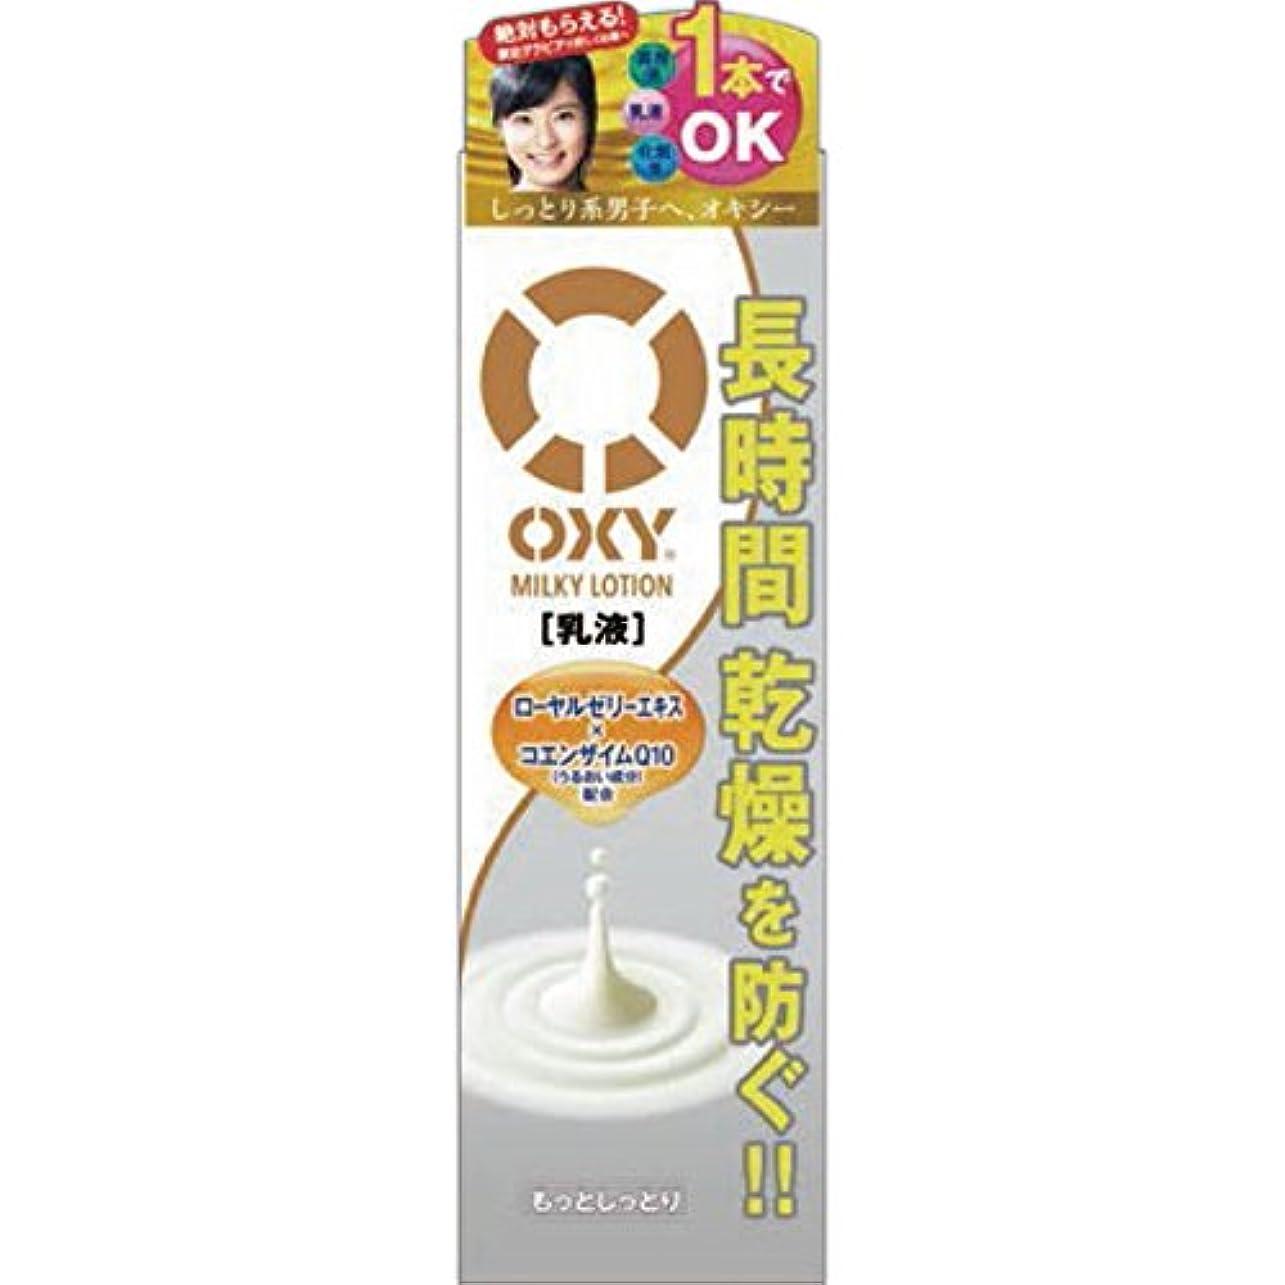 代替タイトルおとうさんオキシー (Oxy) ミルキーローション オールインワン乳液 スーパーヒアルロン酸×ローヤルゼリー配合 ゼラニウムの香 170mL